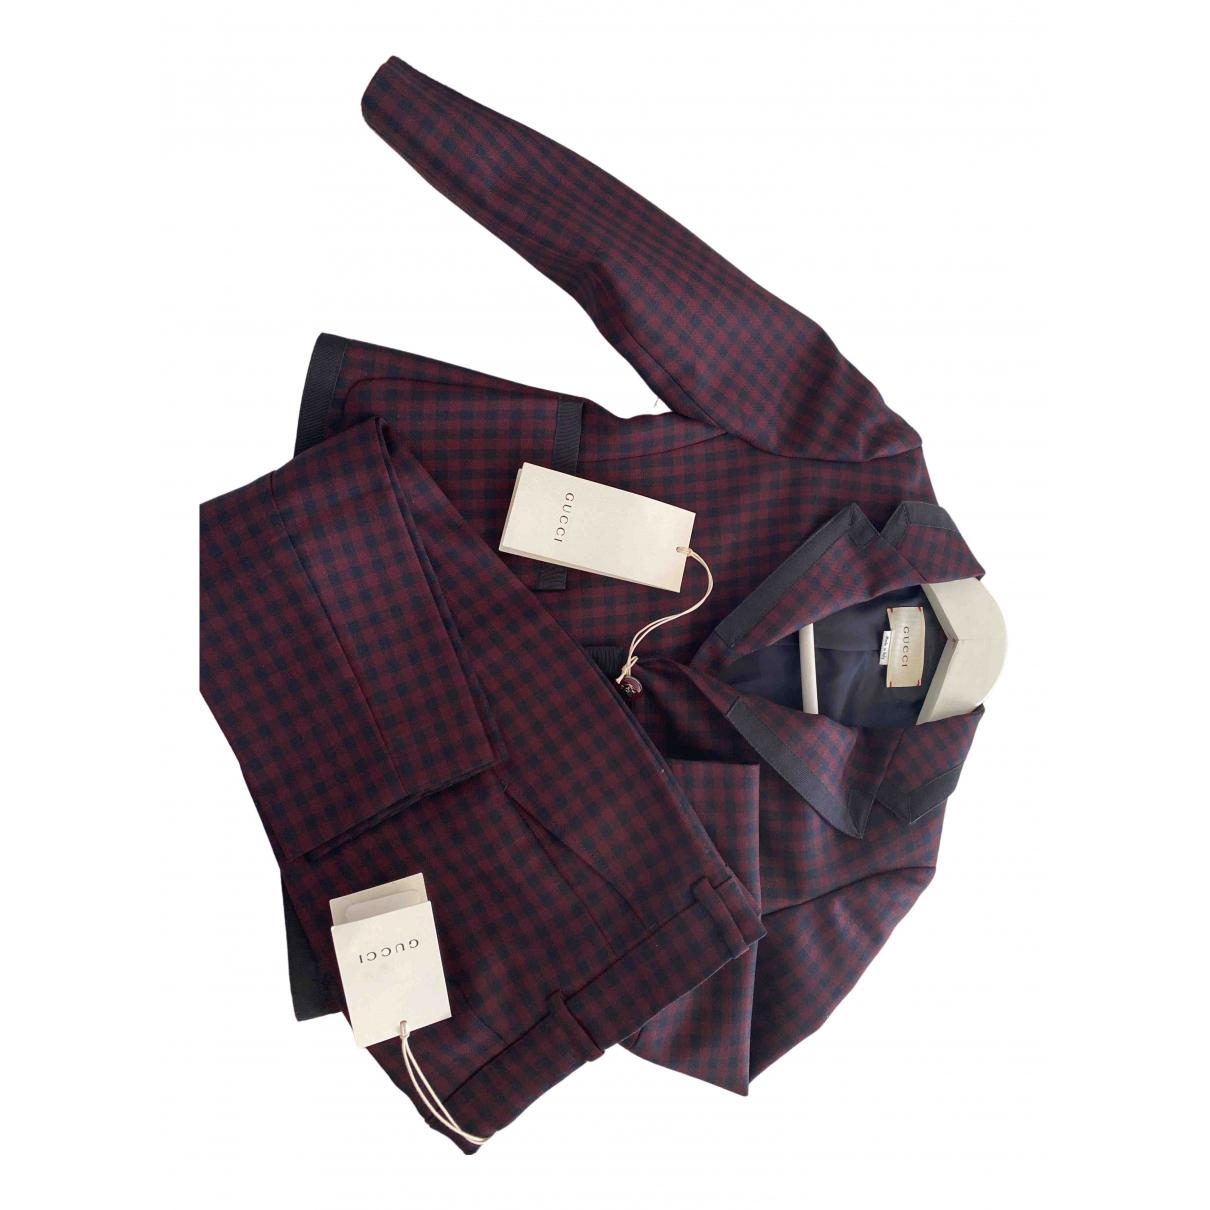 Gucci - Les ensembles   pour enfant - violet